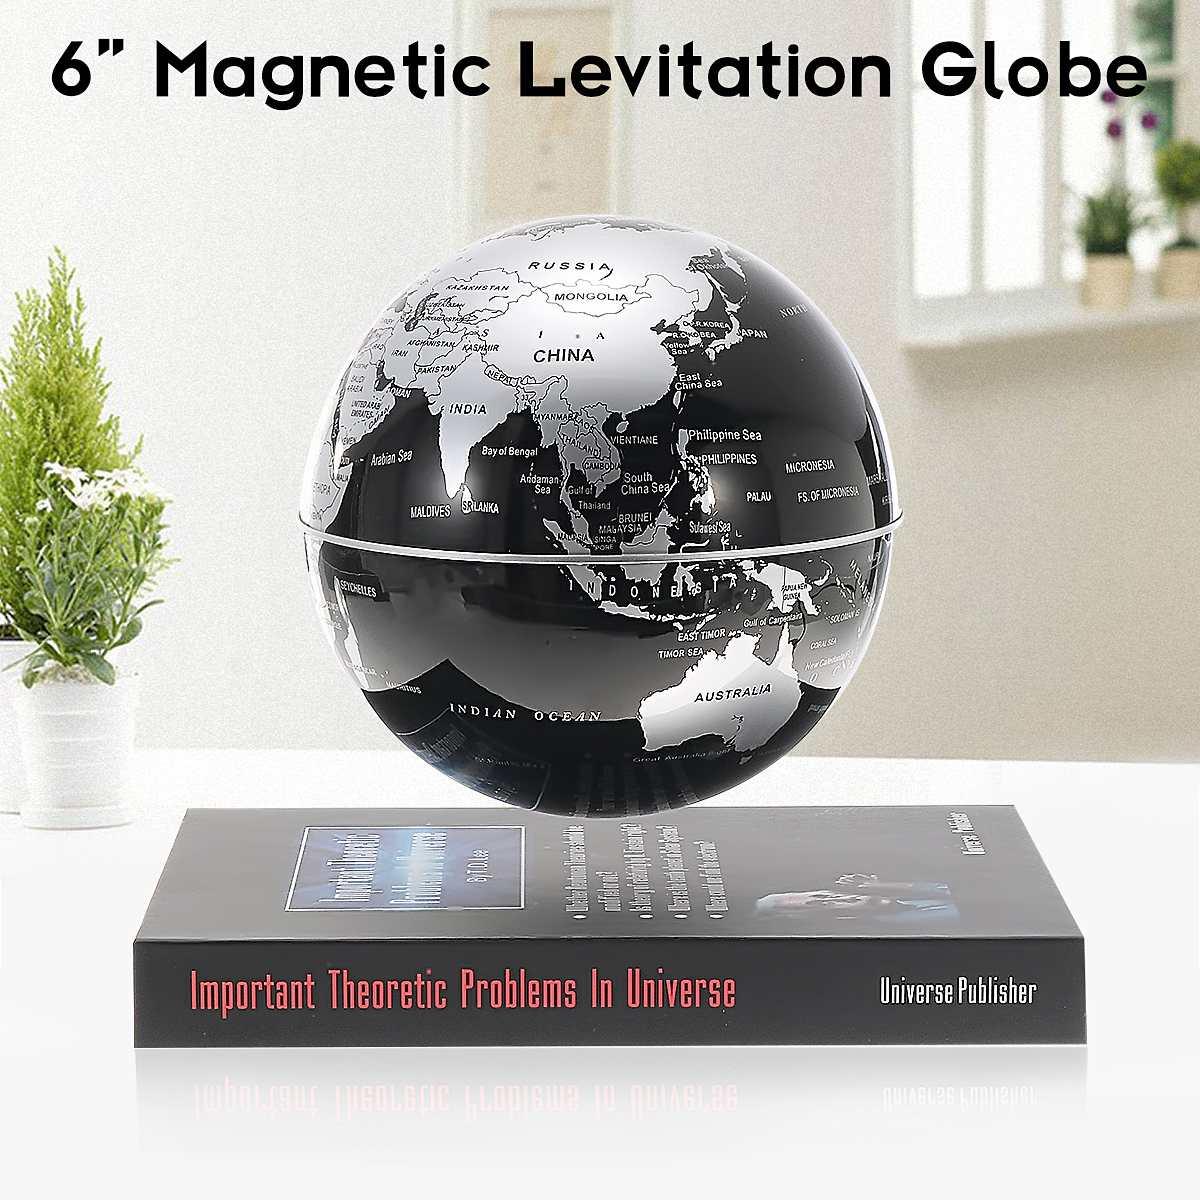 6 pouces lévitation magnétique monde flottant Globe terre carte Tellurion maison bureau Terrestre enfants géographie éducation jouets